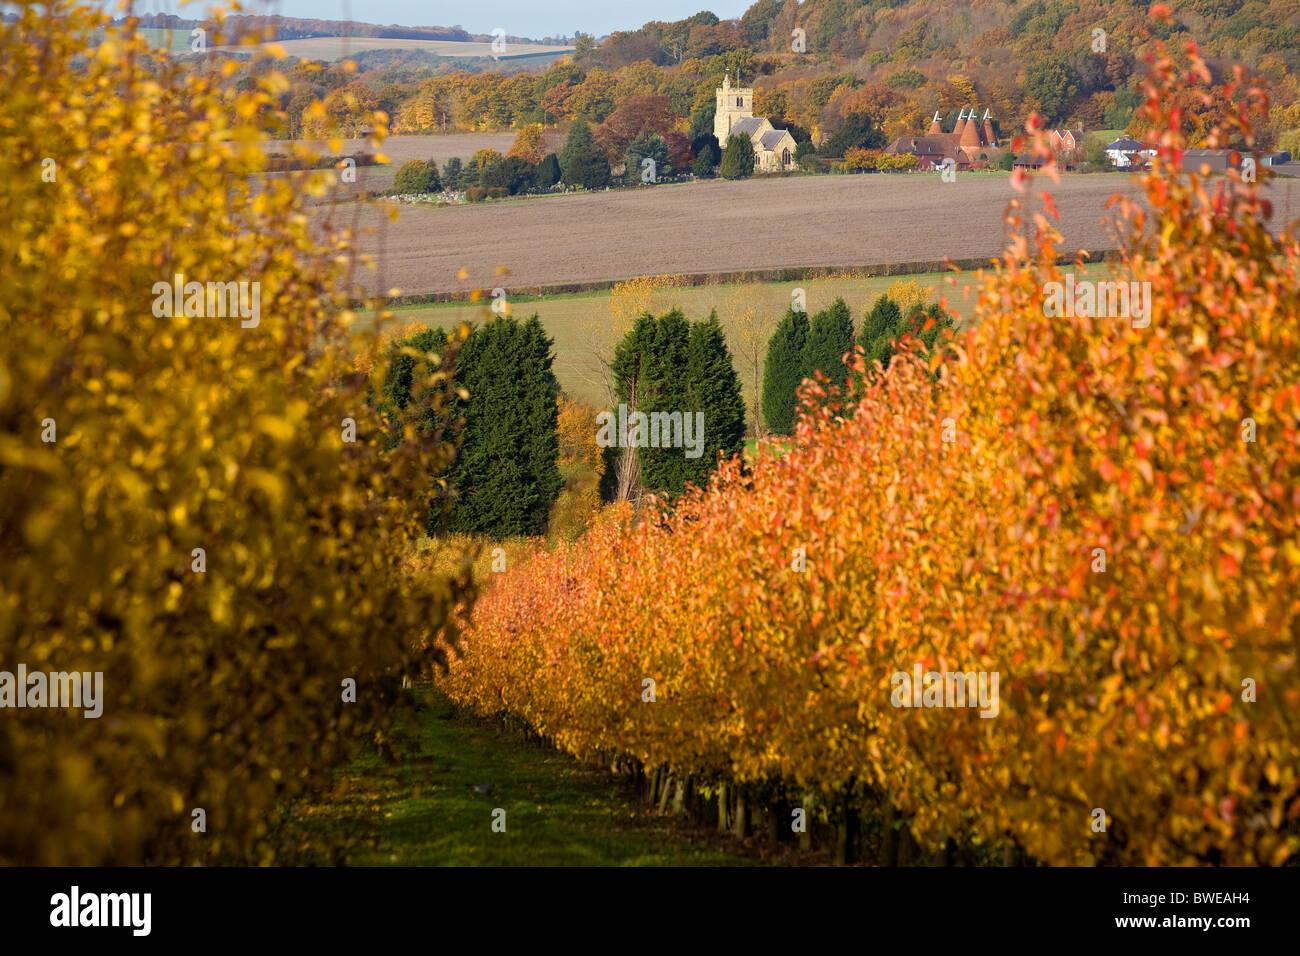 Herbstliche Ansicht der Horsemonden Kirche und Oast House von einem Obstgarten von goldene Kirsche Laubbäume Stockbild